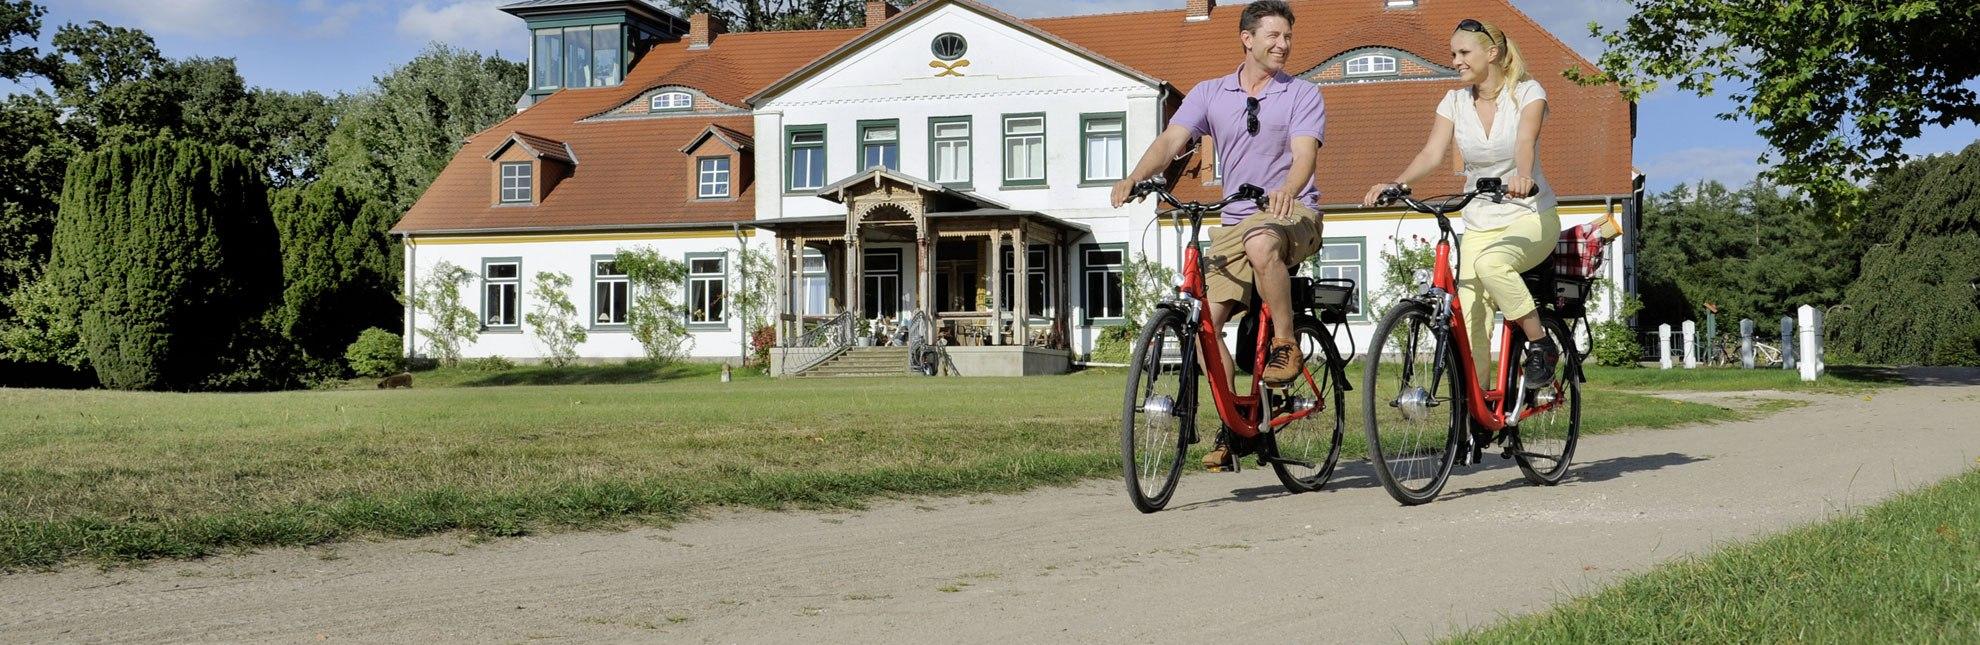 Radfahrer an der Kutscherscheune, © photocompany GmbH